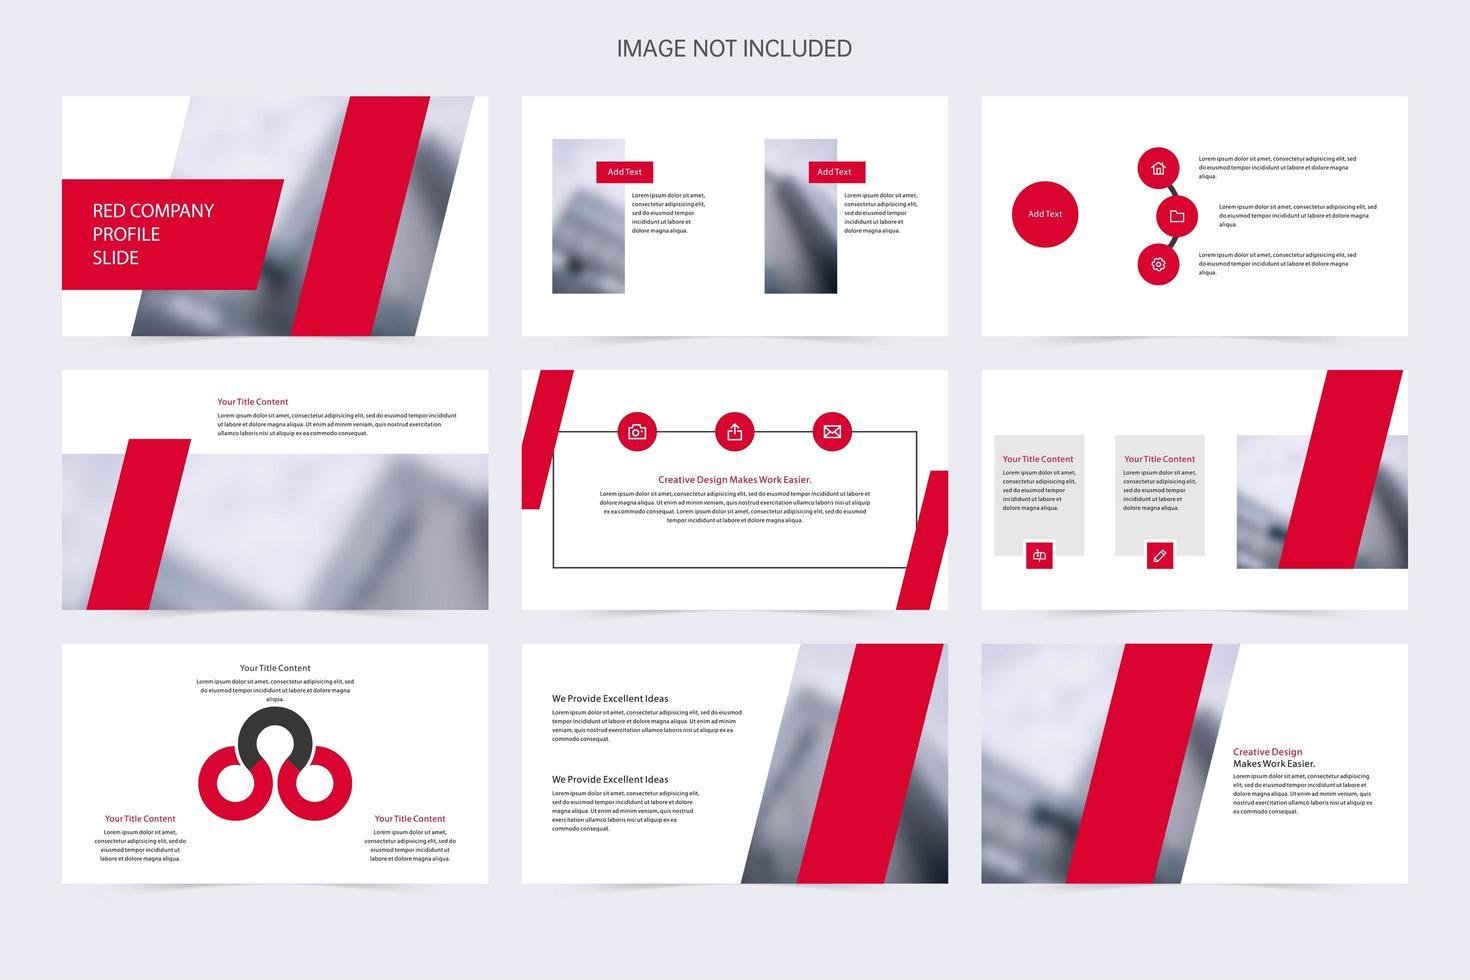 moderne rote und weiße Präsentationsschablone für Geschäft vektor